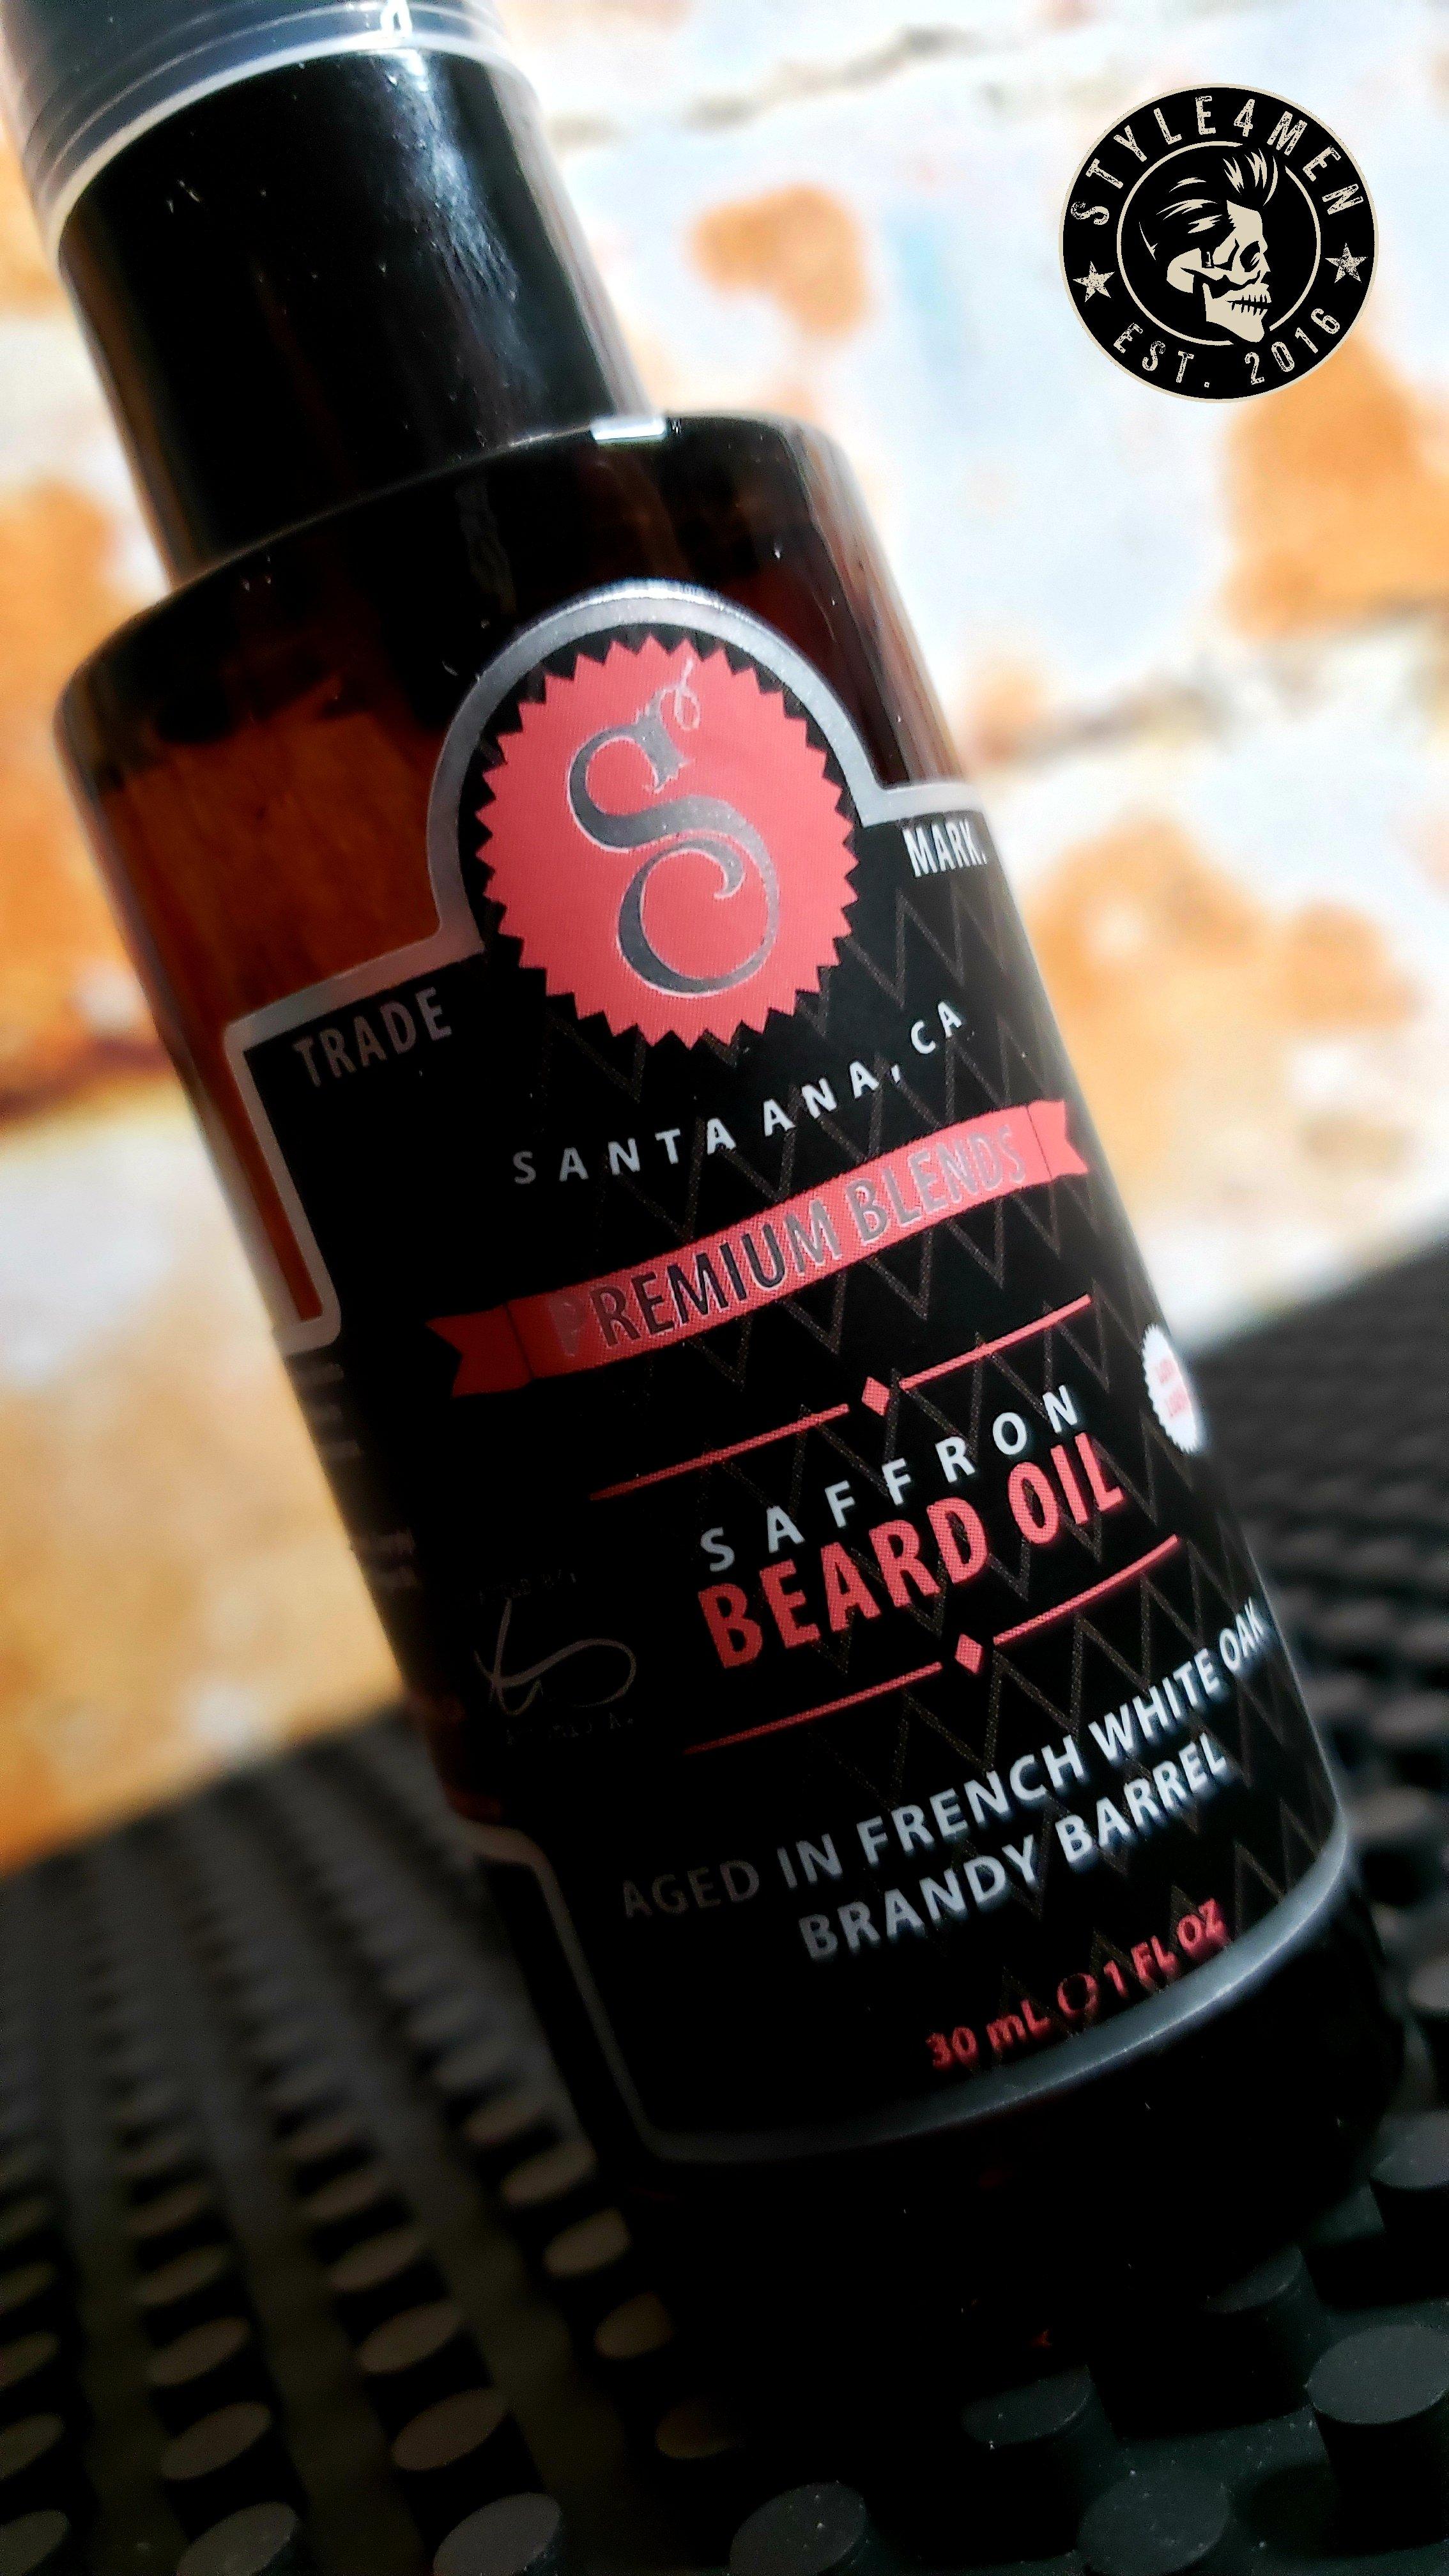 Saffron Beard Oil by Suavecito Premium